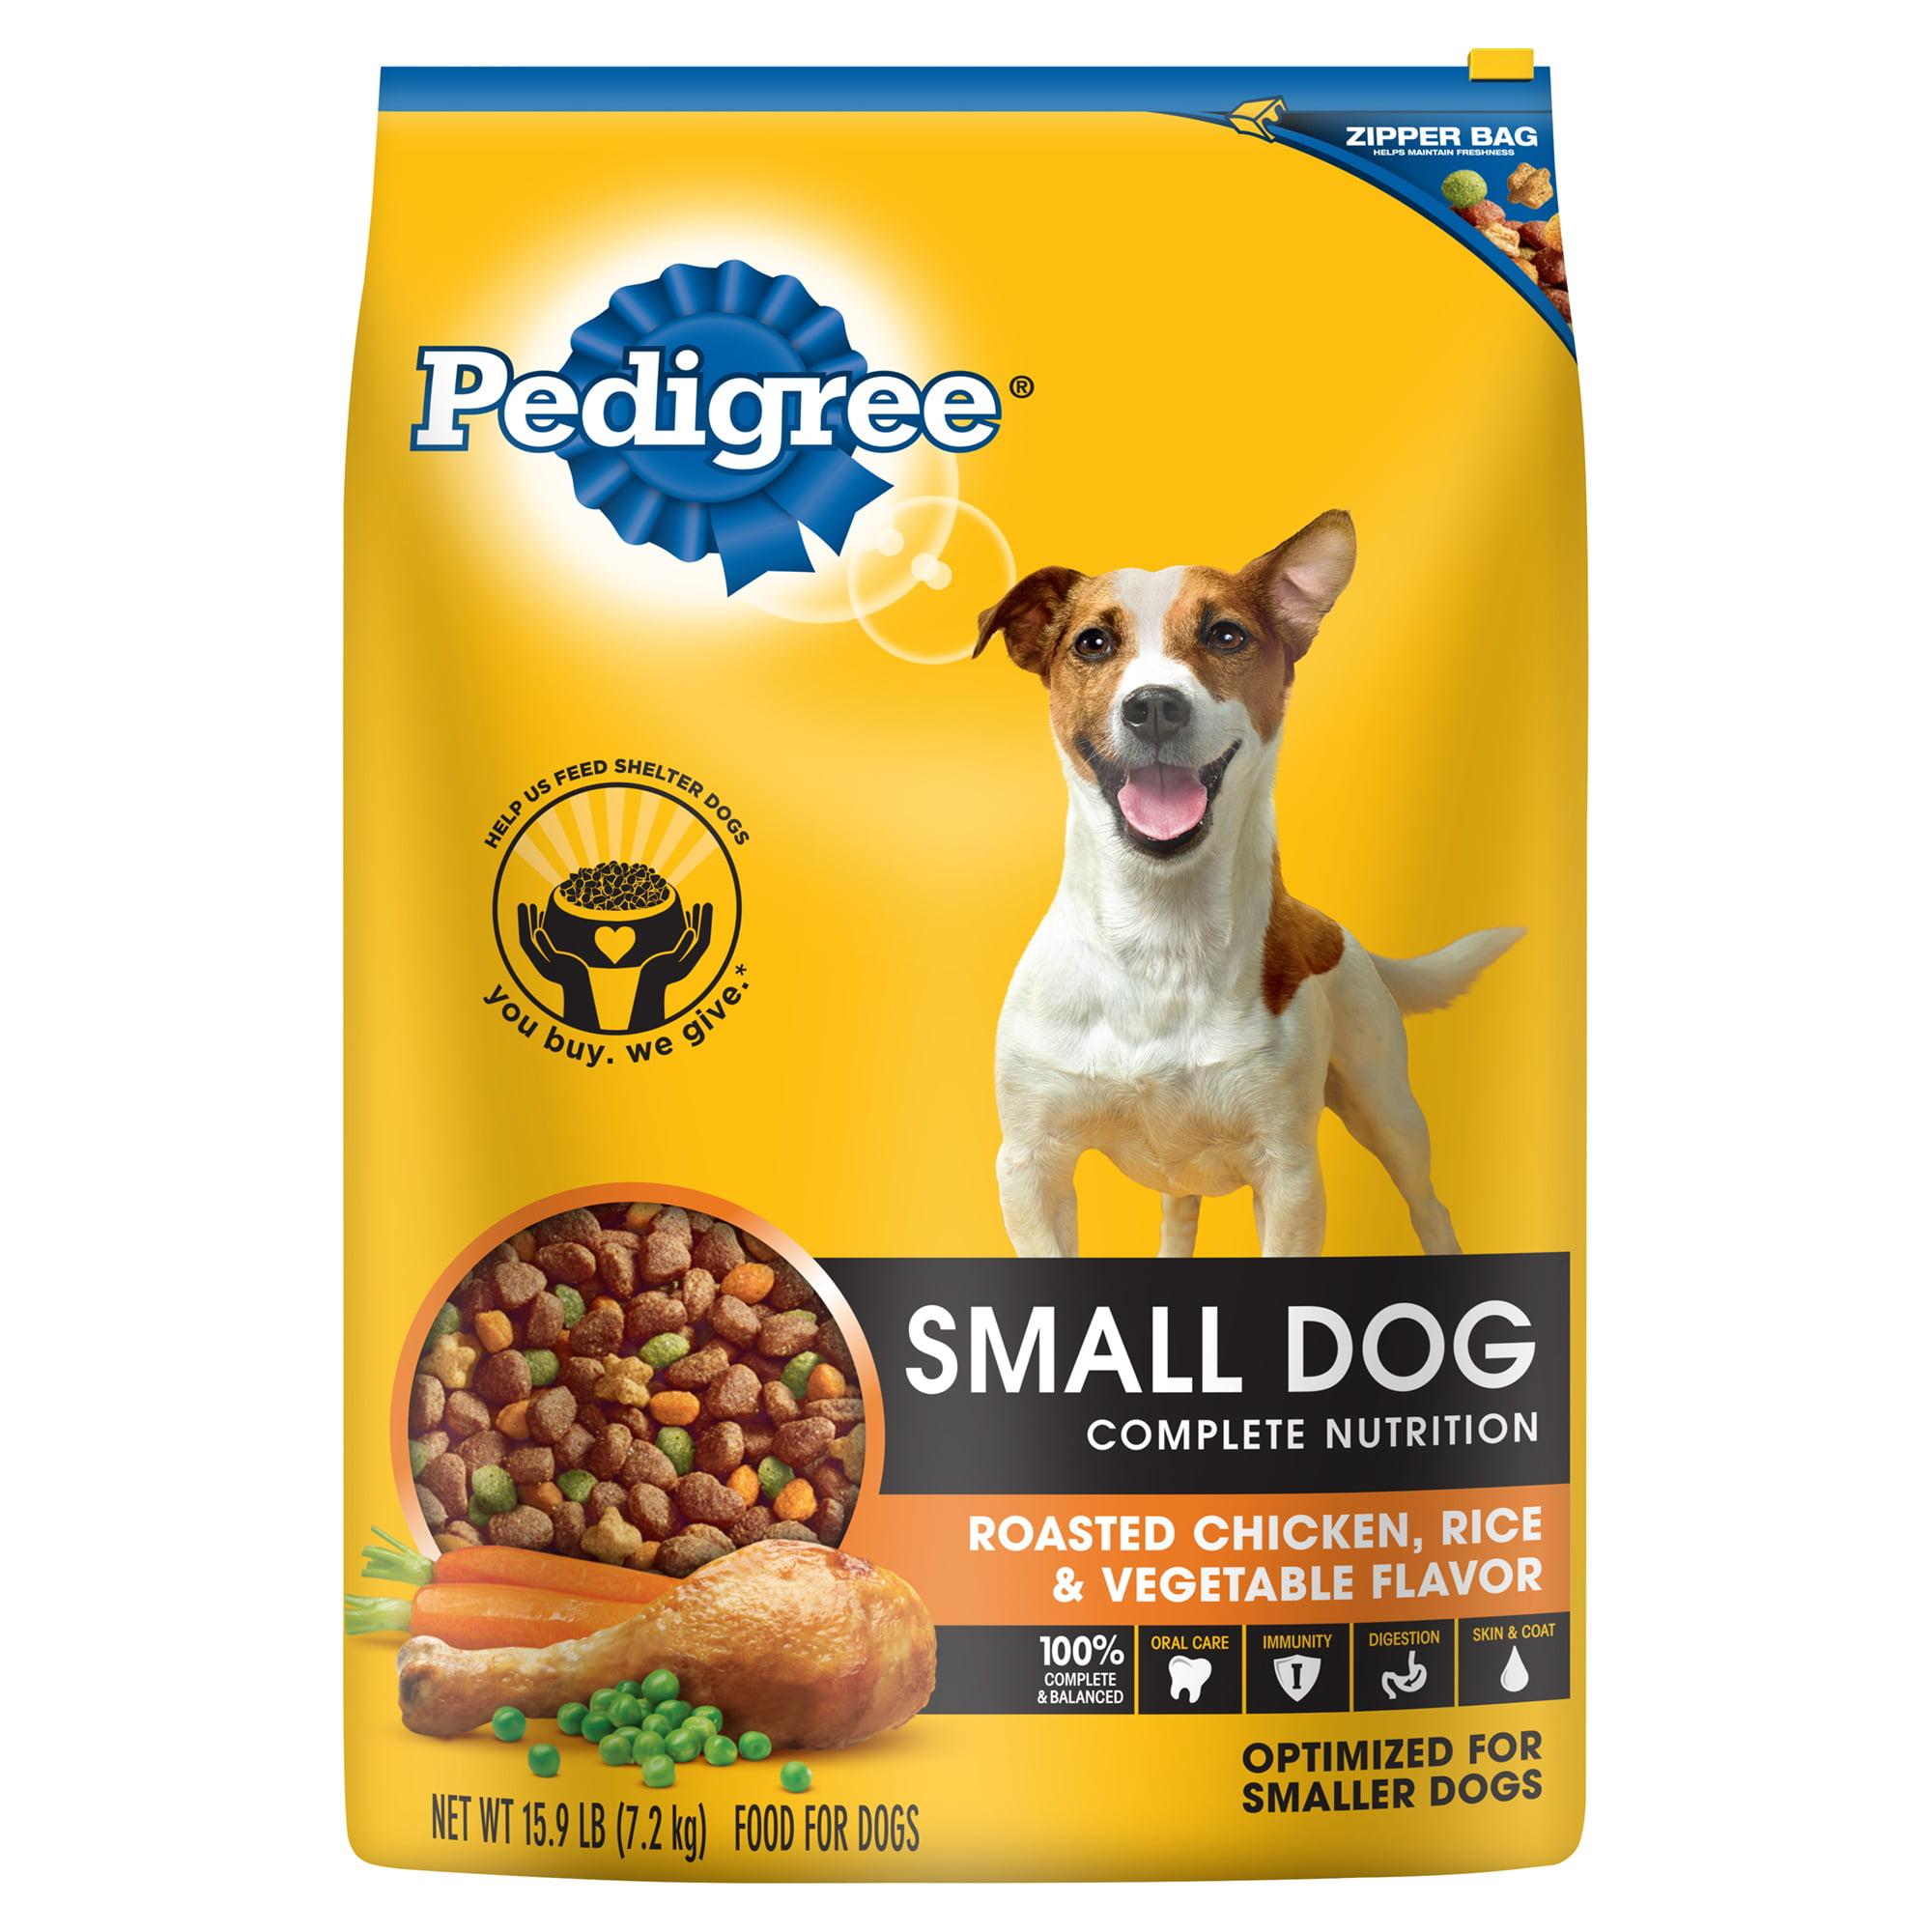 pedigree dog food logo